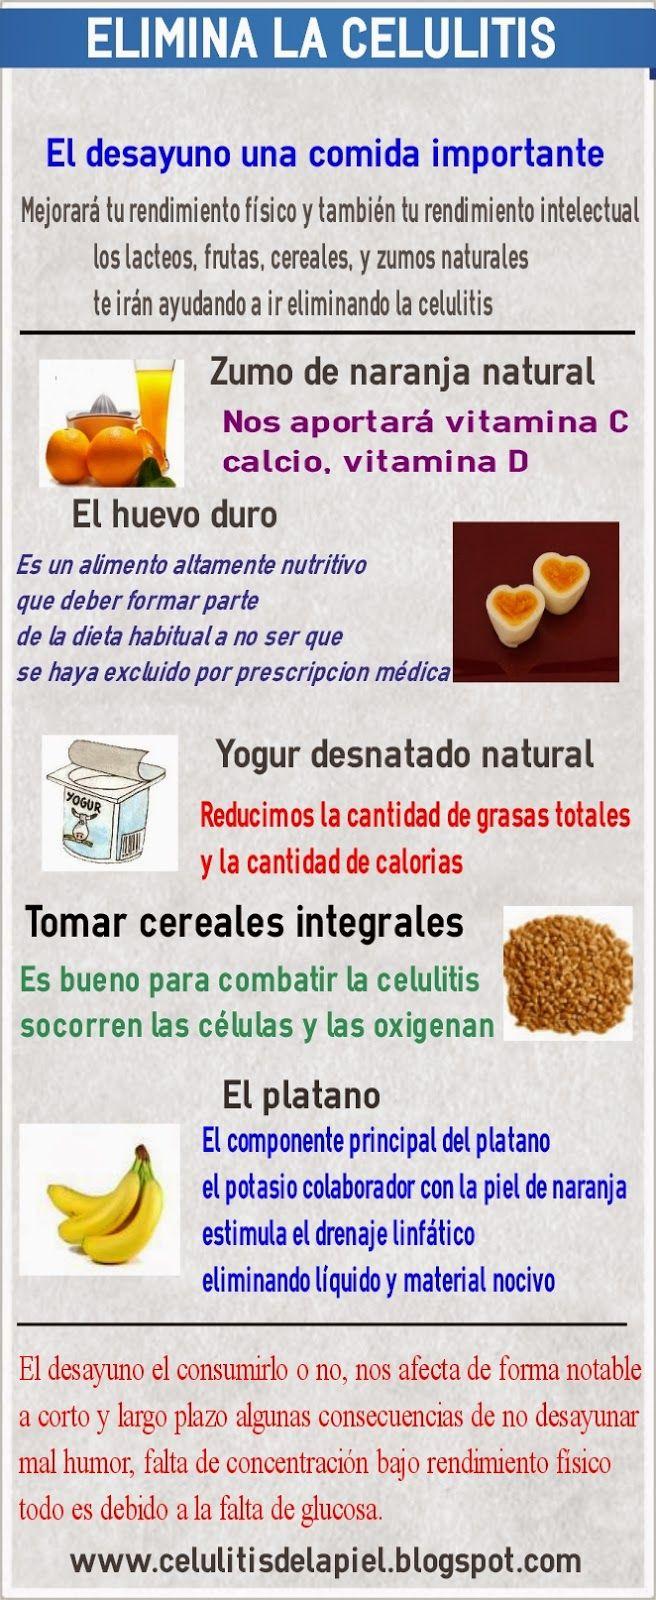 REMEDIOS NATURALES A LA CELULITIS Y MUCHO MAS: Elimina la celulitis con un simple desayuno